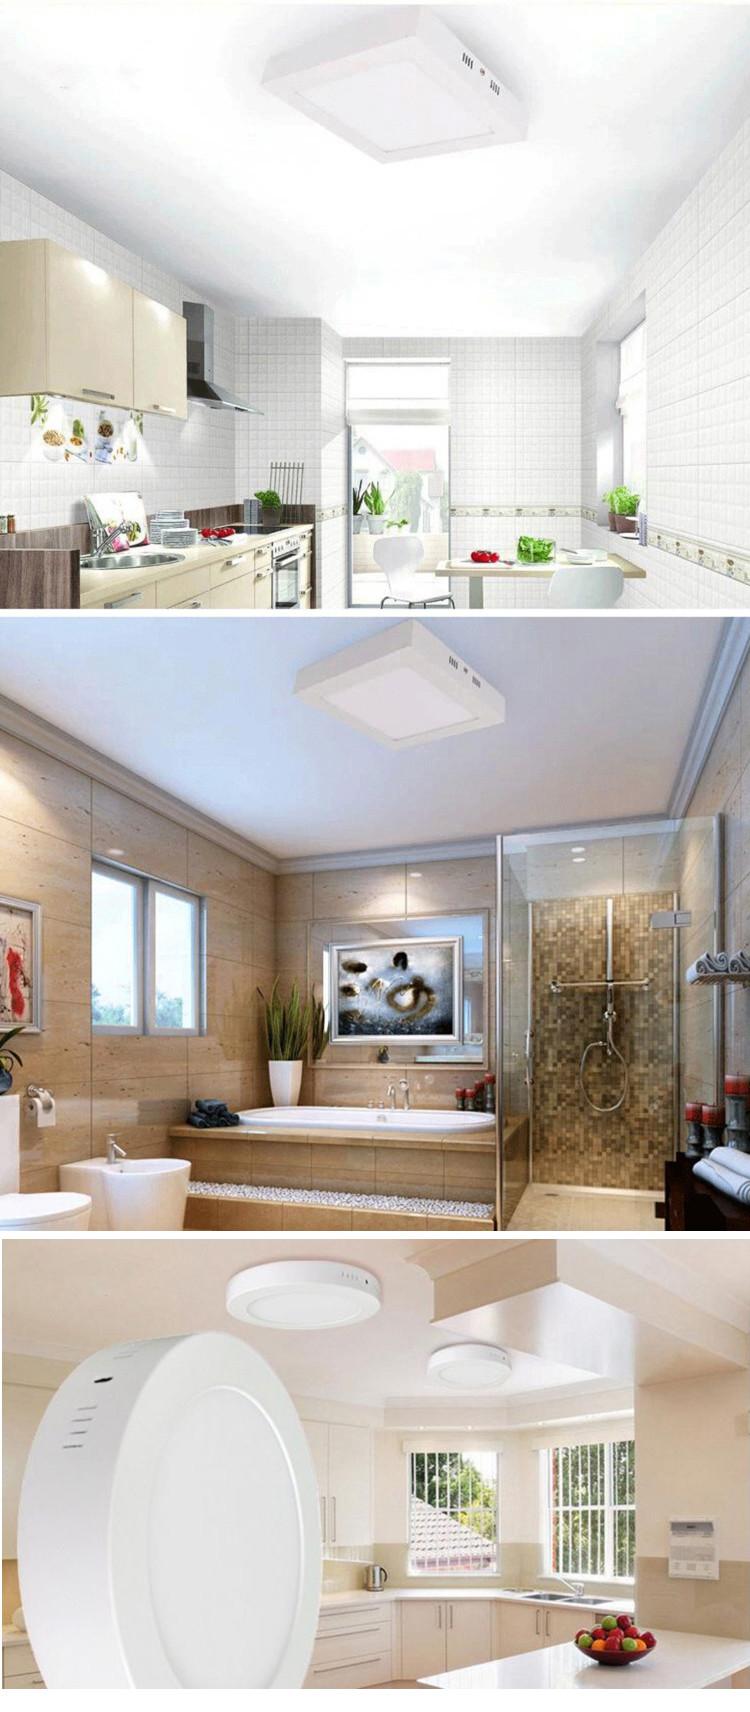 Moderne Chian Hohe-ende Büro Küche Bad Led Oberfläche Panel Licht Led-panel  Licht Led-licht Panel - Buy Led Oberfläche Panel Licht,Led-panel ...